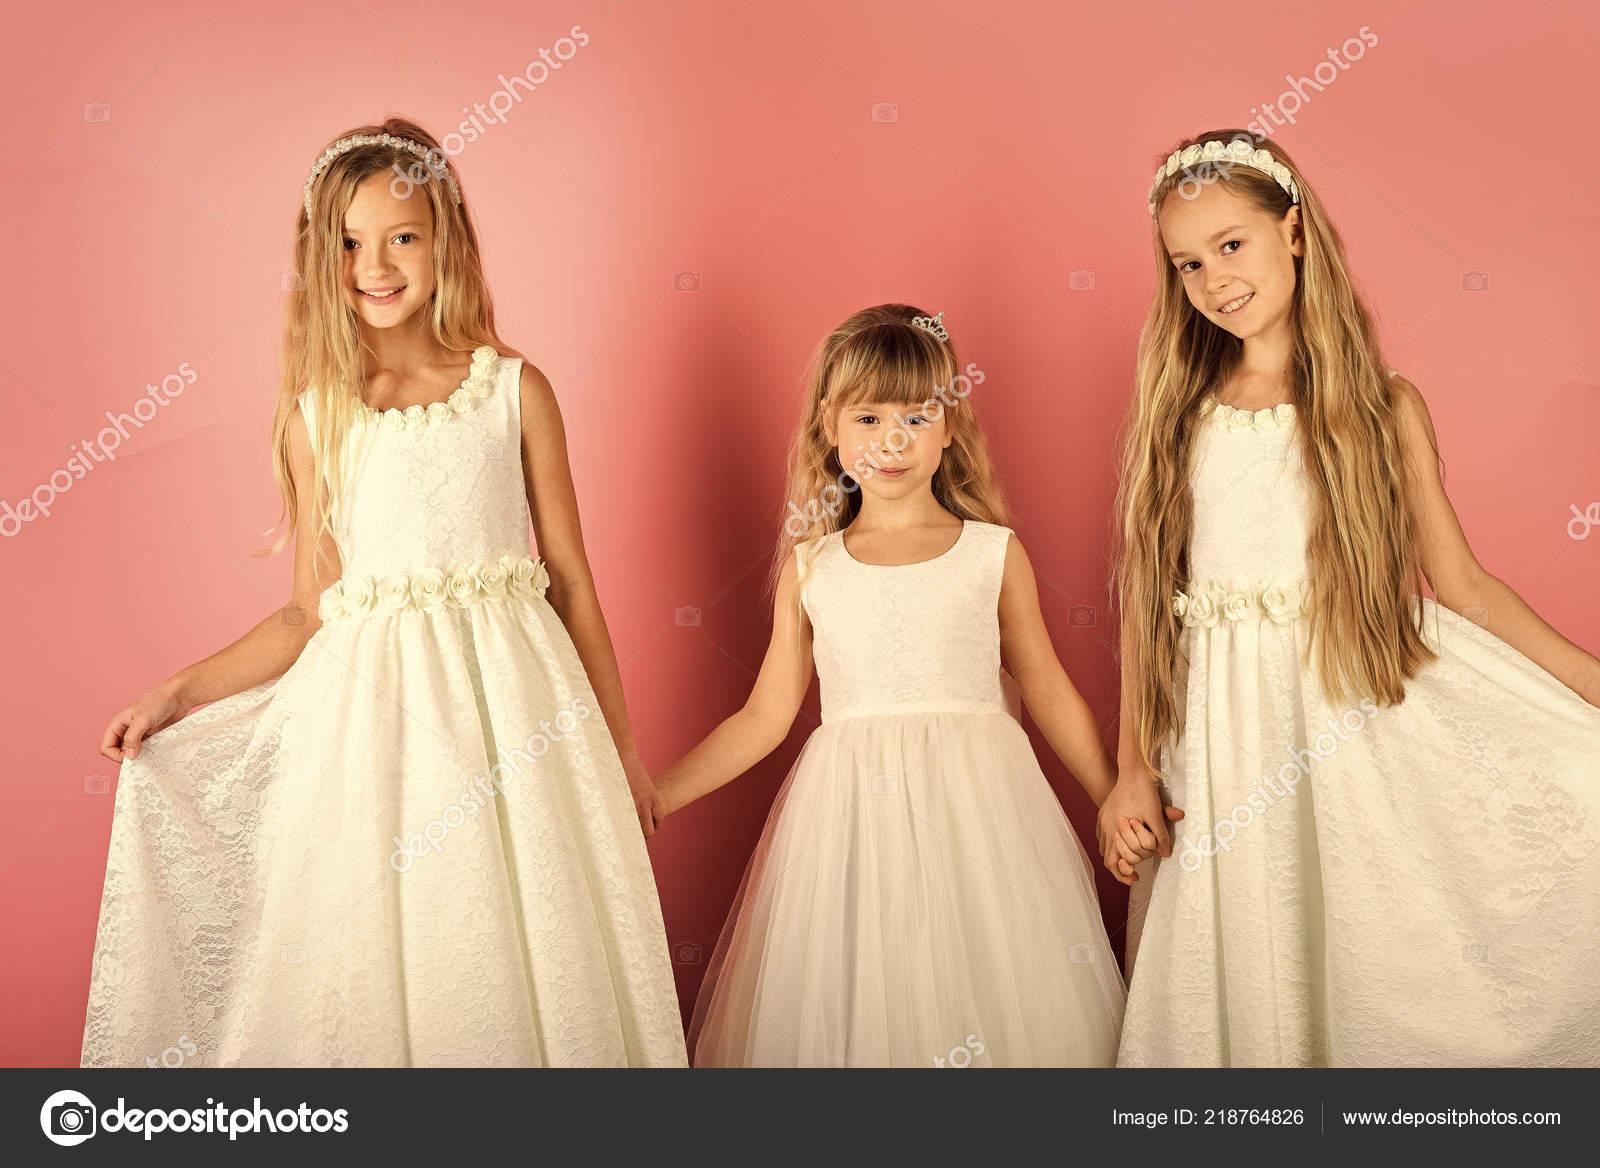 e7ecb0add75 Móda a krása, malá princezničko. Přátelství, podívej, kadeřnice, svatební  rodiny módní model sestry krása — Fotografie od Tverdohlib.com